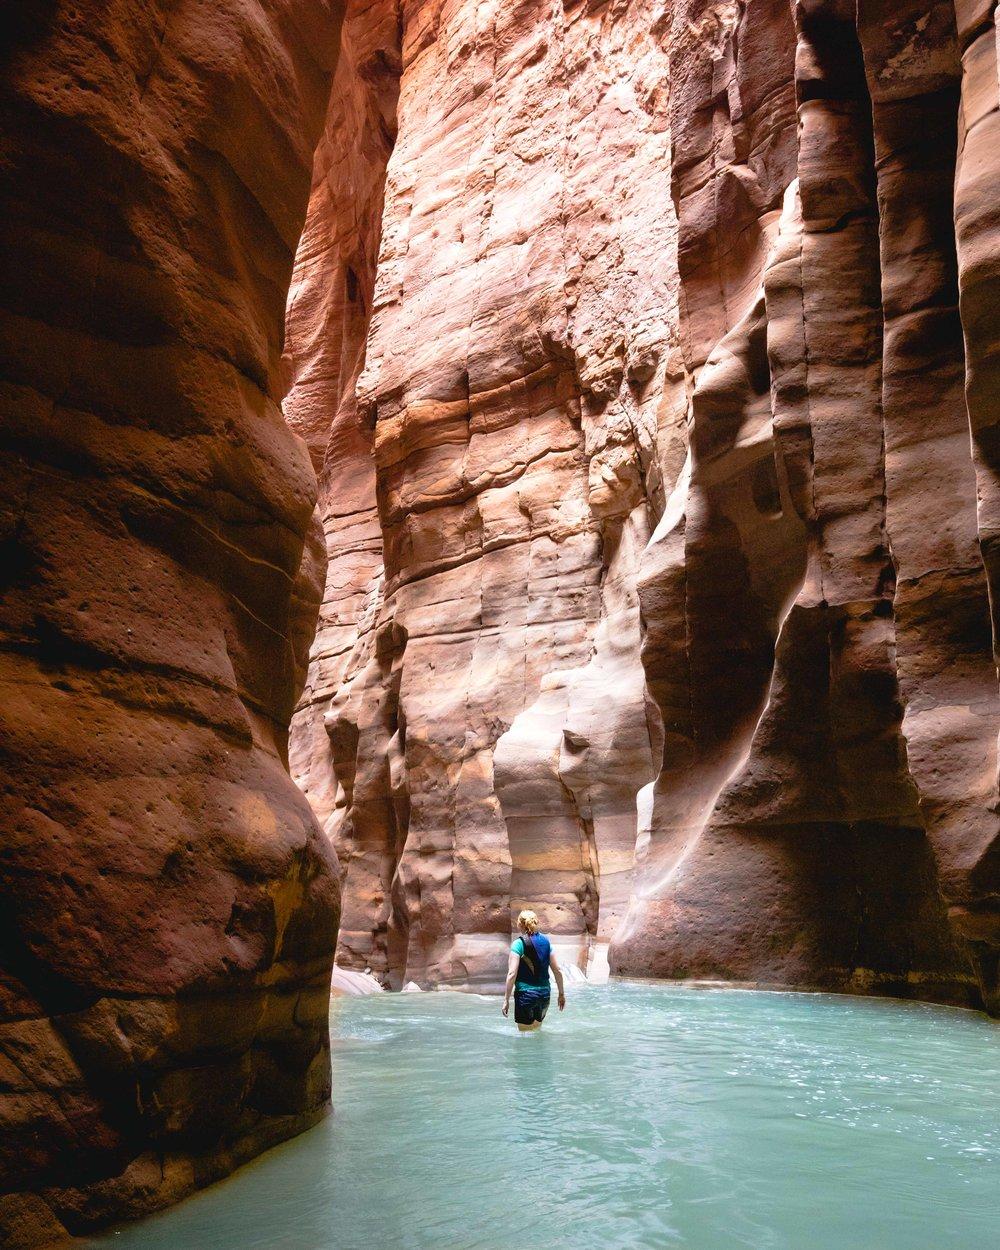 Instagrammable spots in Jordan - Wadi Mujib